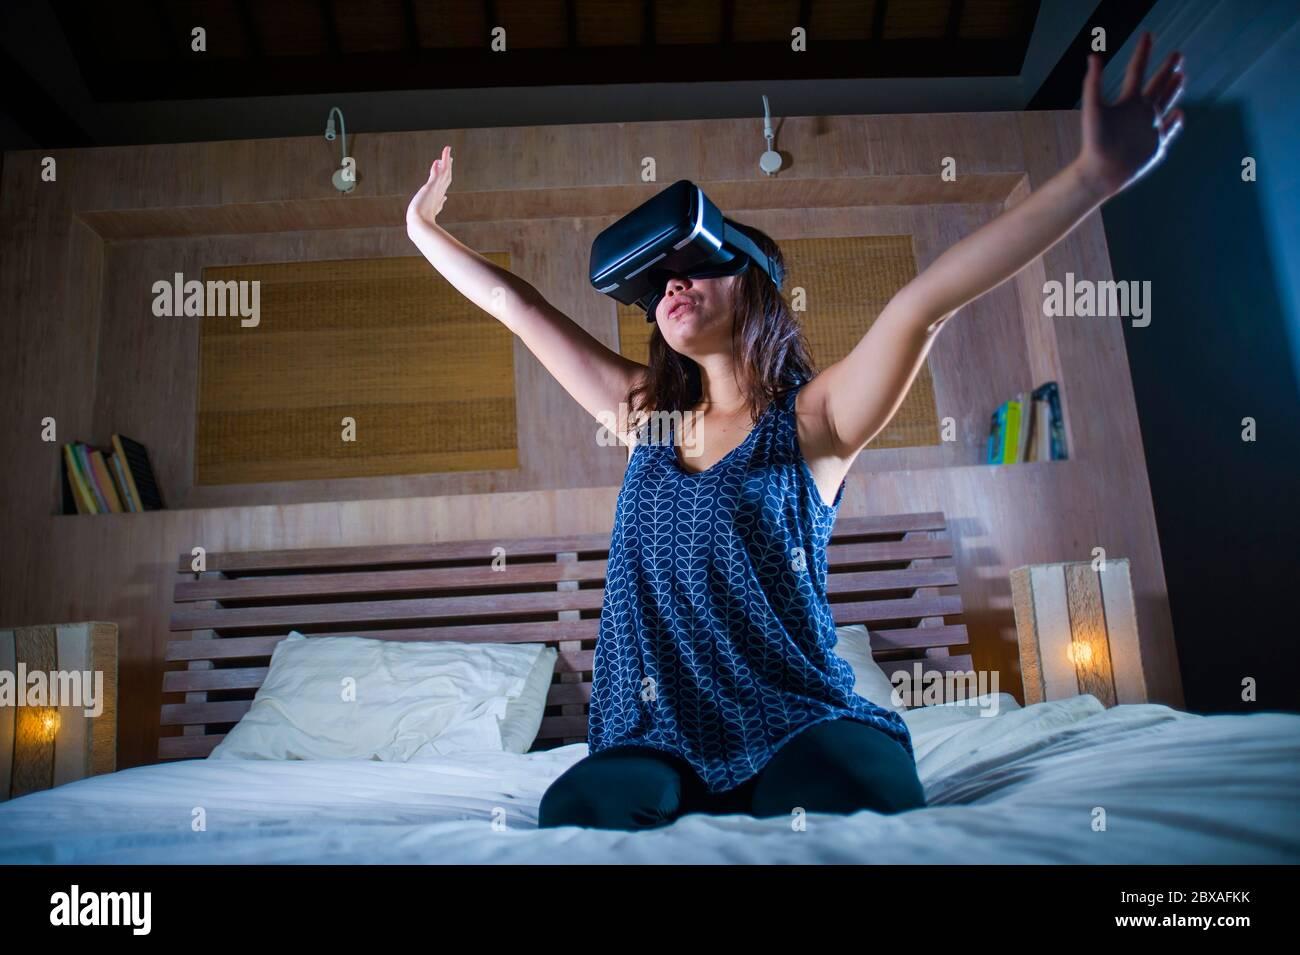 Jeune femme enthousiaste et heureuse, qui porte un casque de réalité virtuelle VR pour jouer en profitant de l'expérience 3D numérique et de regarder des touc Banque D'Images